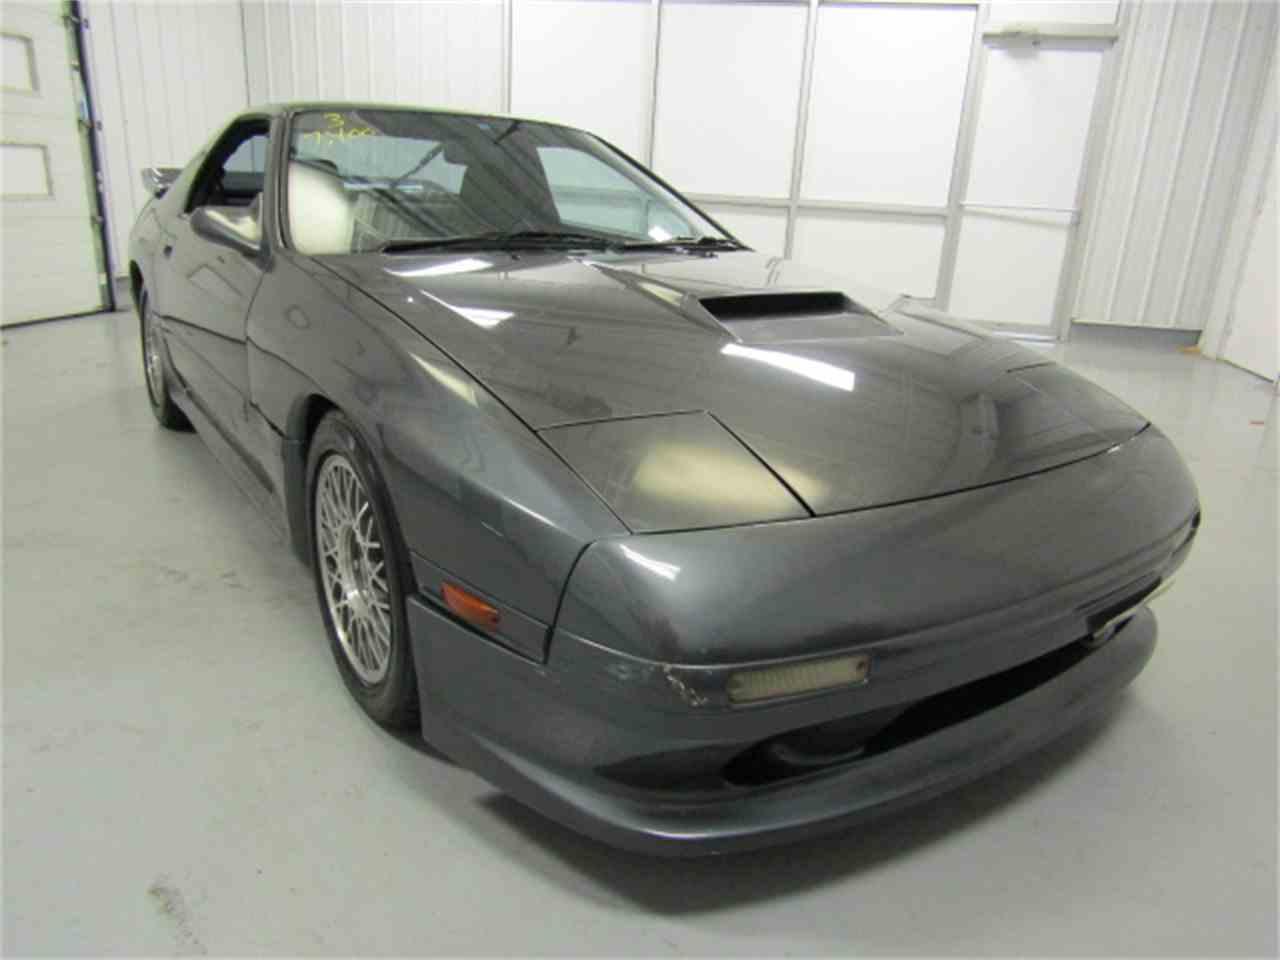 1990 Mazda RX-7 for Sale - CC-920193